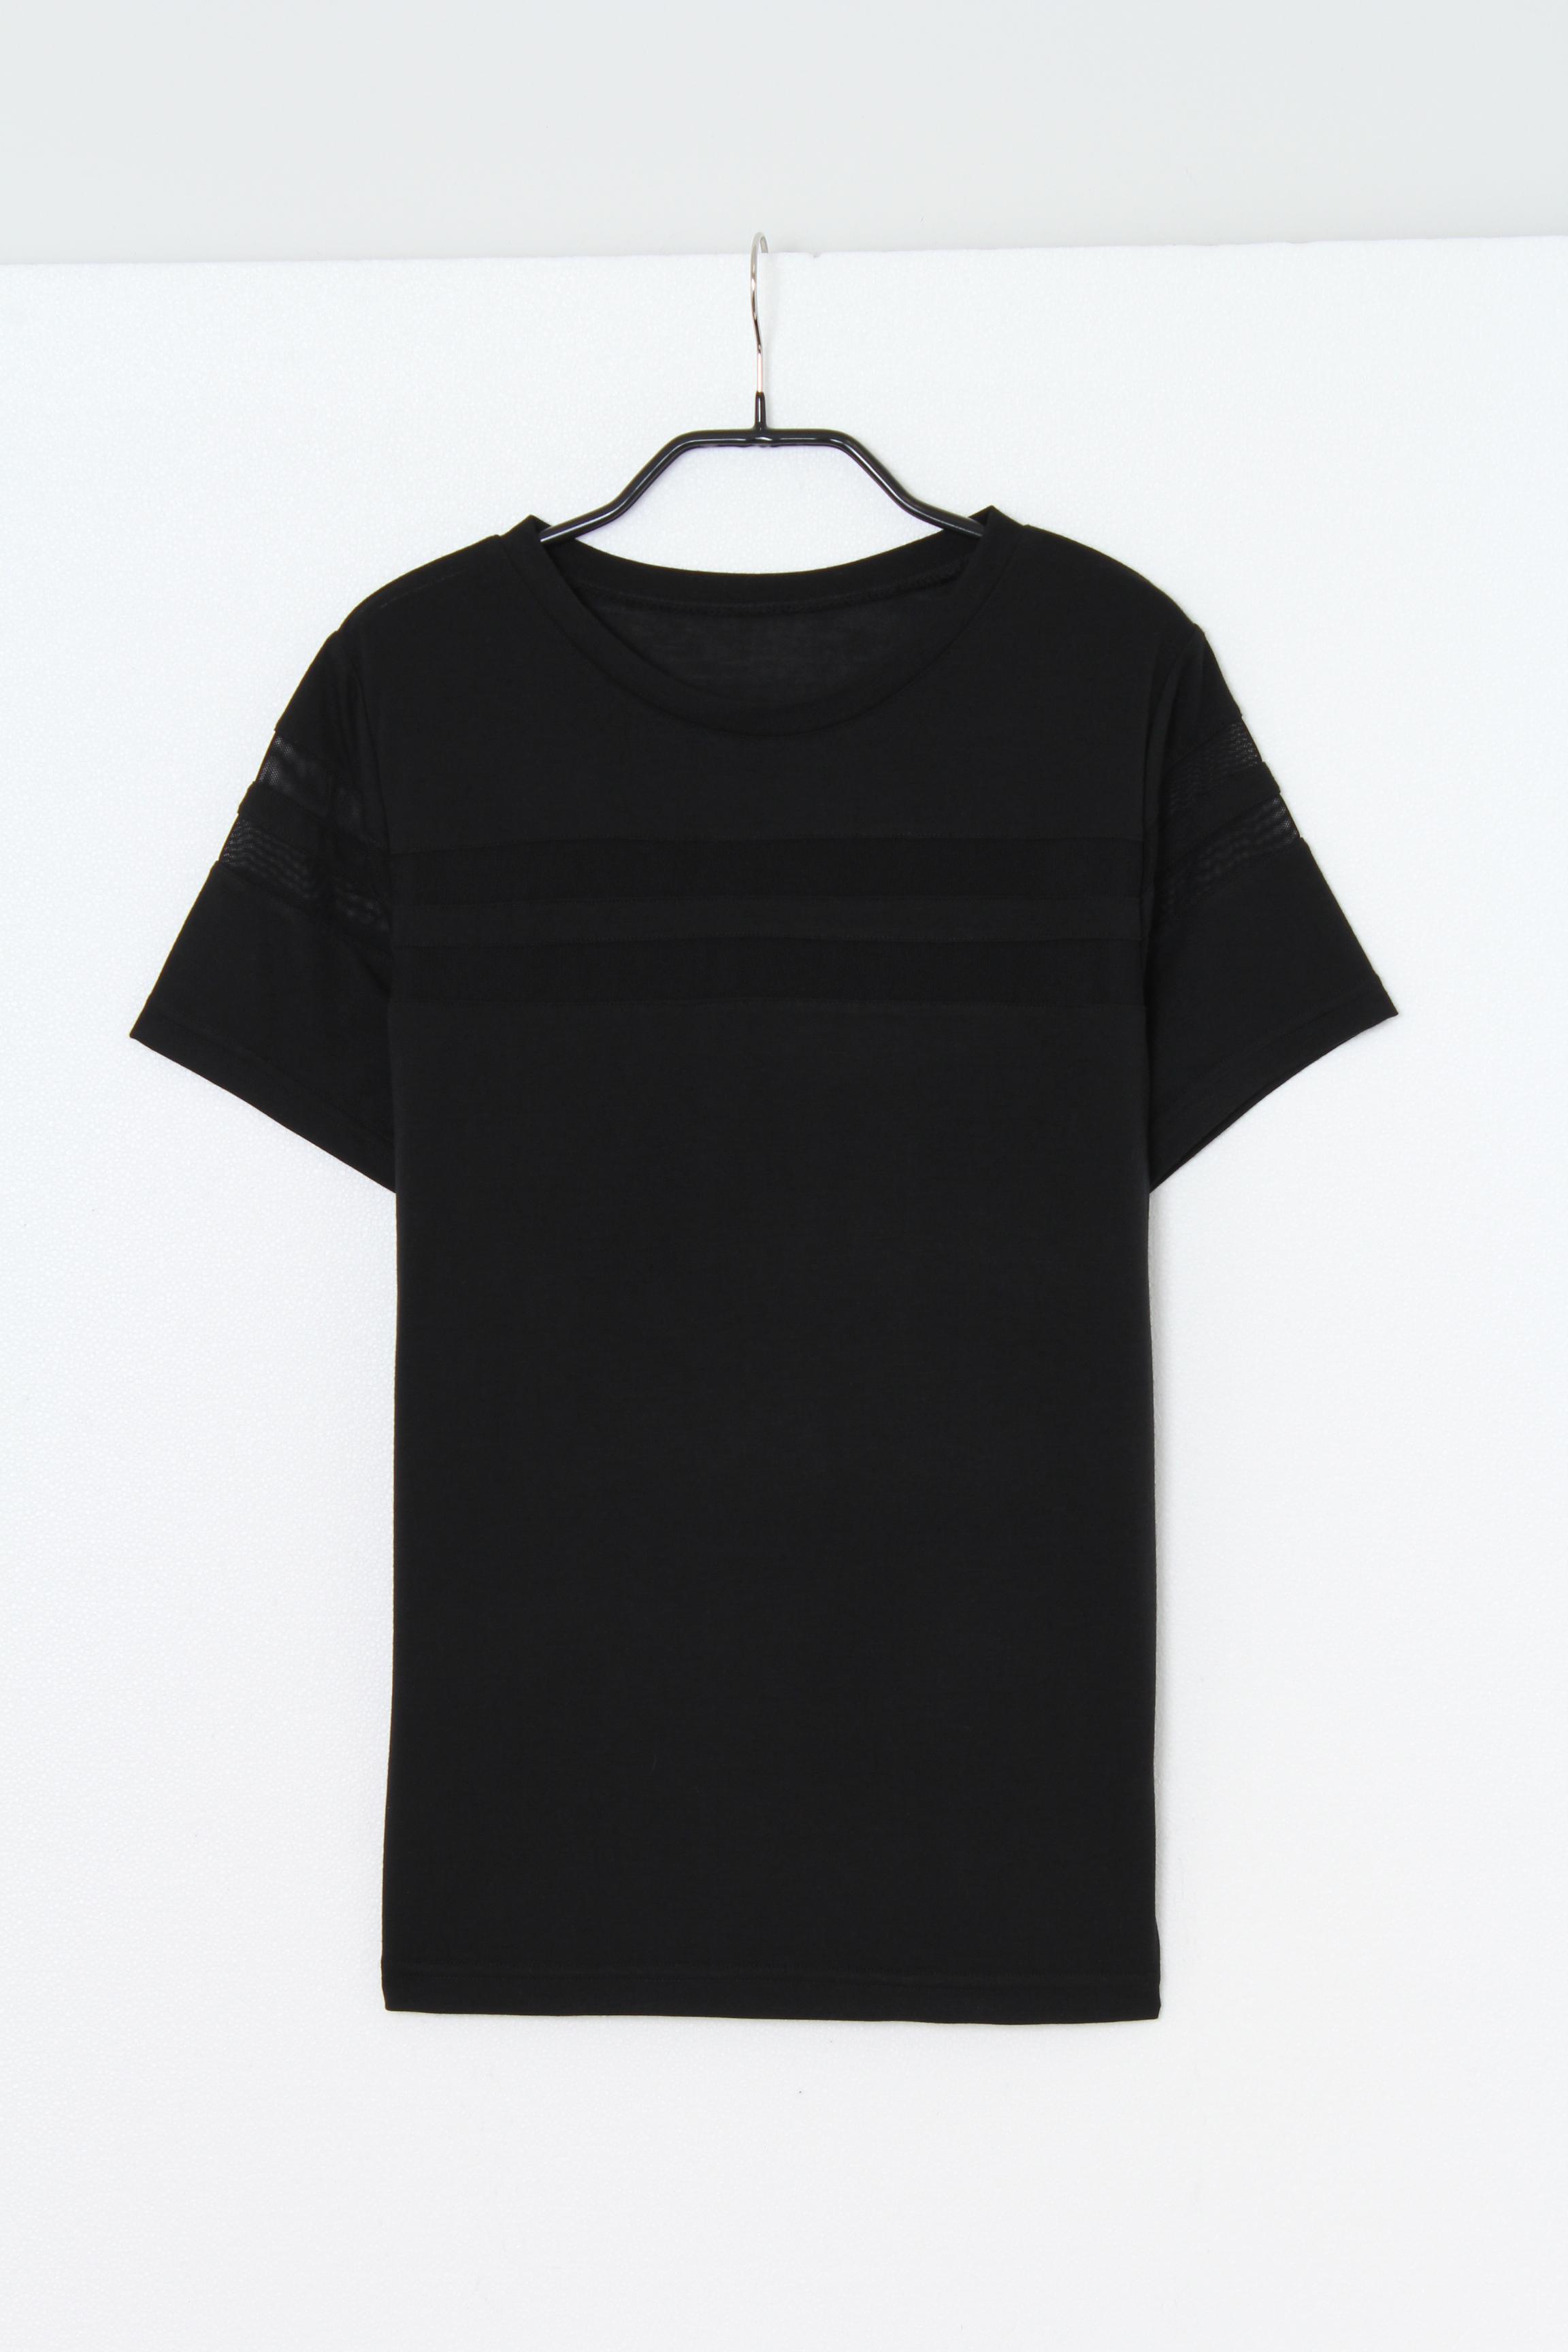 シャツ通販〜EGOISTブランドのWラインメッシュTシャツ